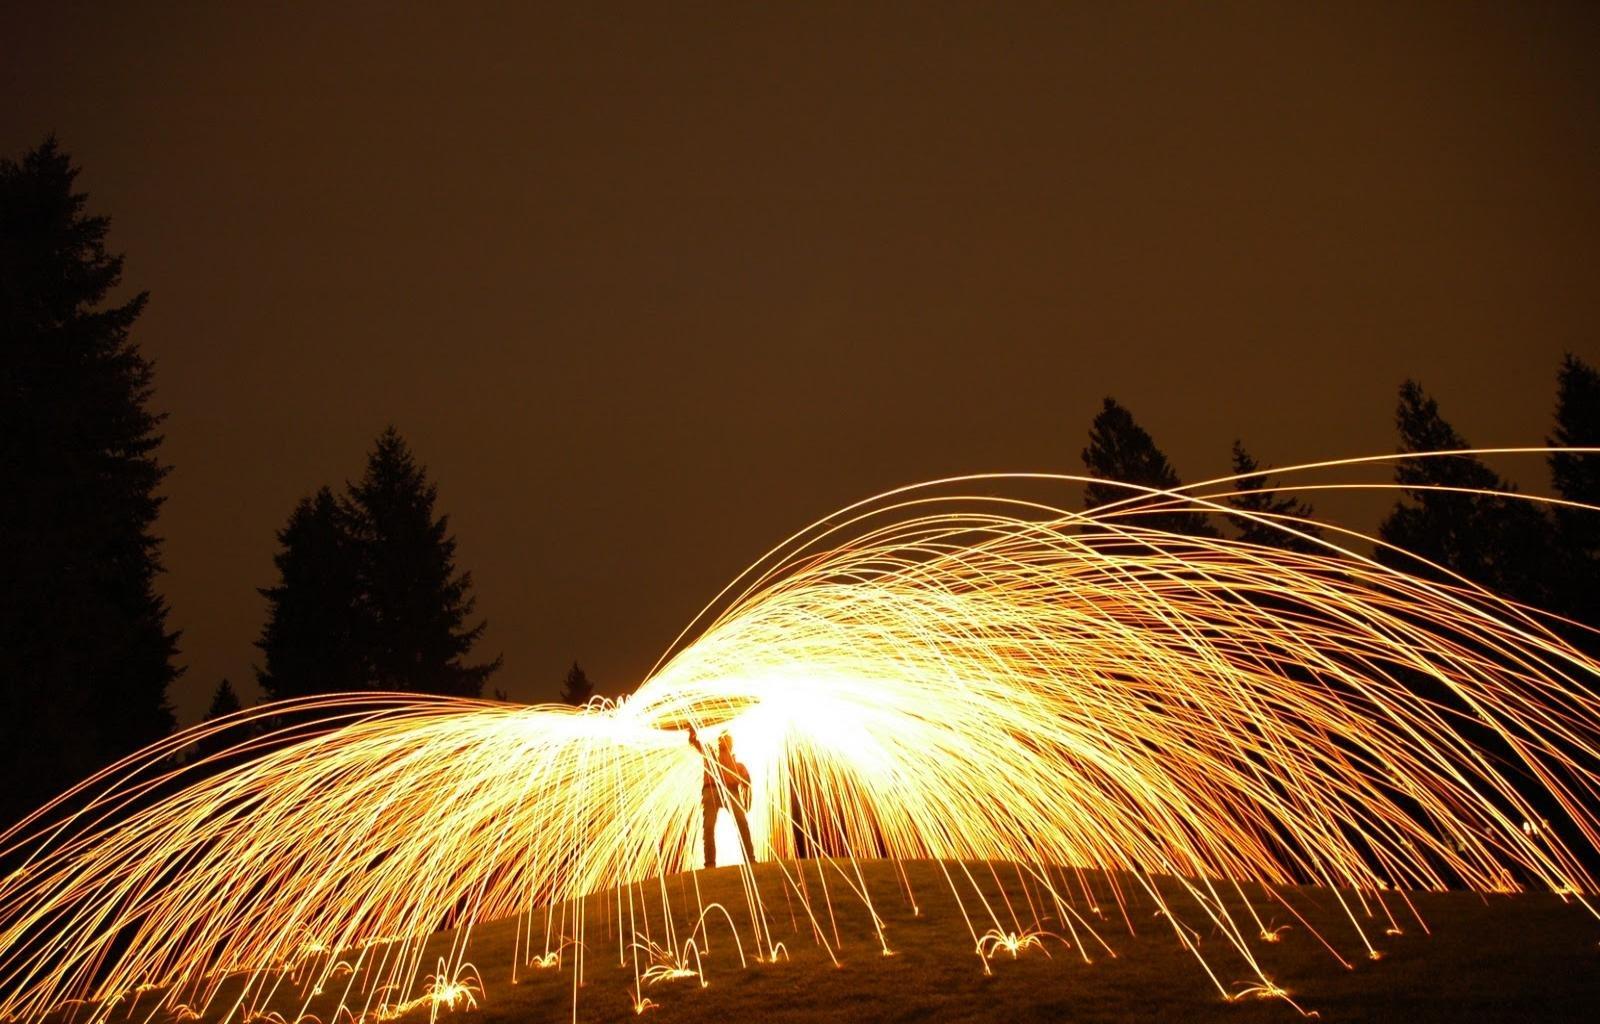 High resolution fireworks hd 1600x1024 wallpaper id 384234 - Wallpaper 1600x1024 ...